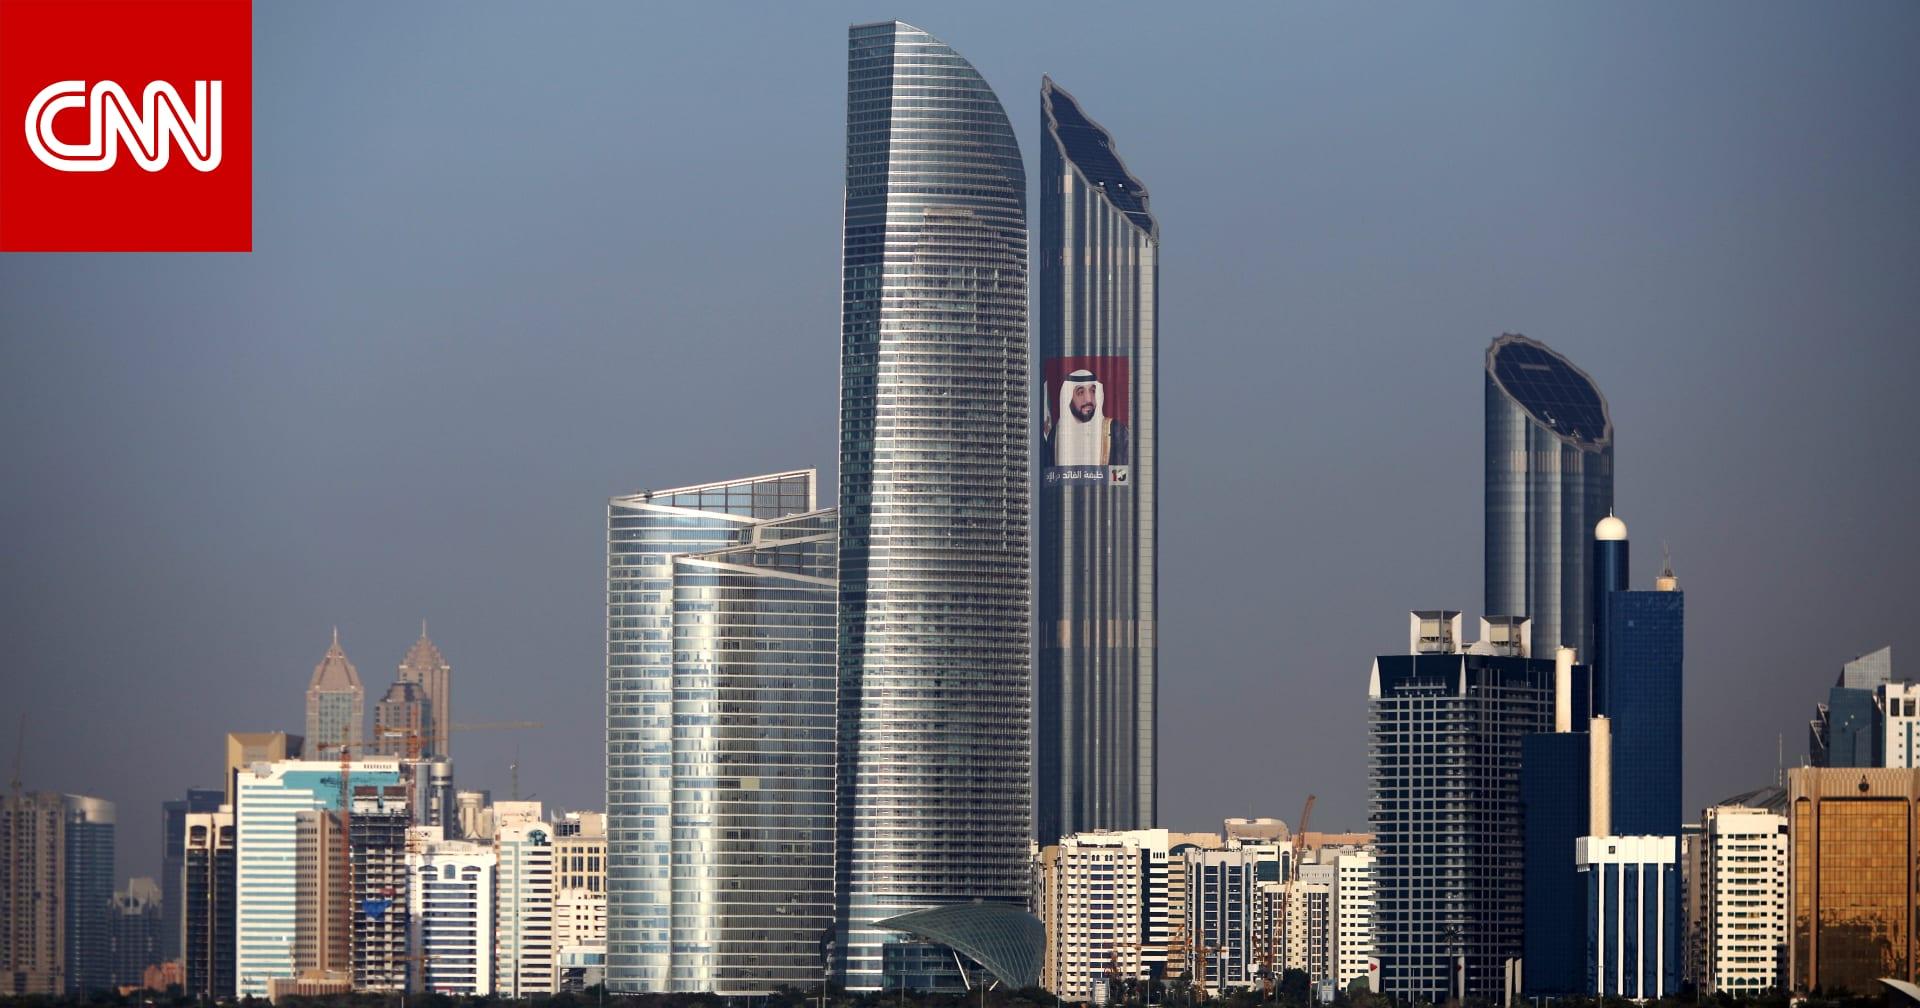 الإمارات تسعى إلى إصدار المزيد من السندات.. وتوسيع نطاق المعاملات بالدرهم